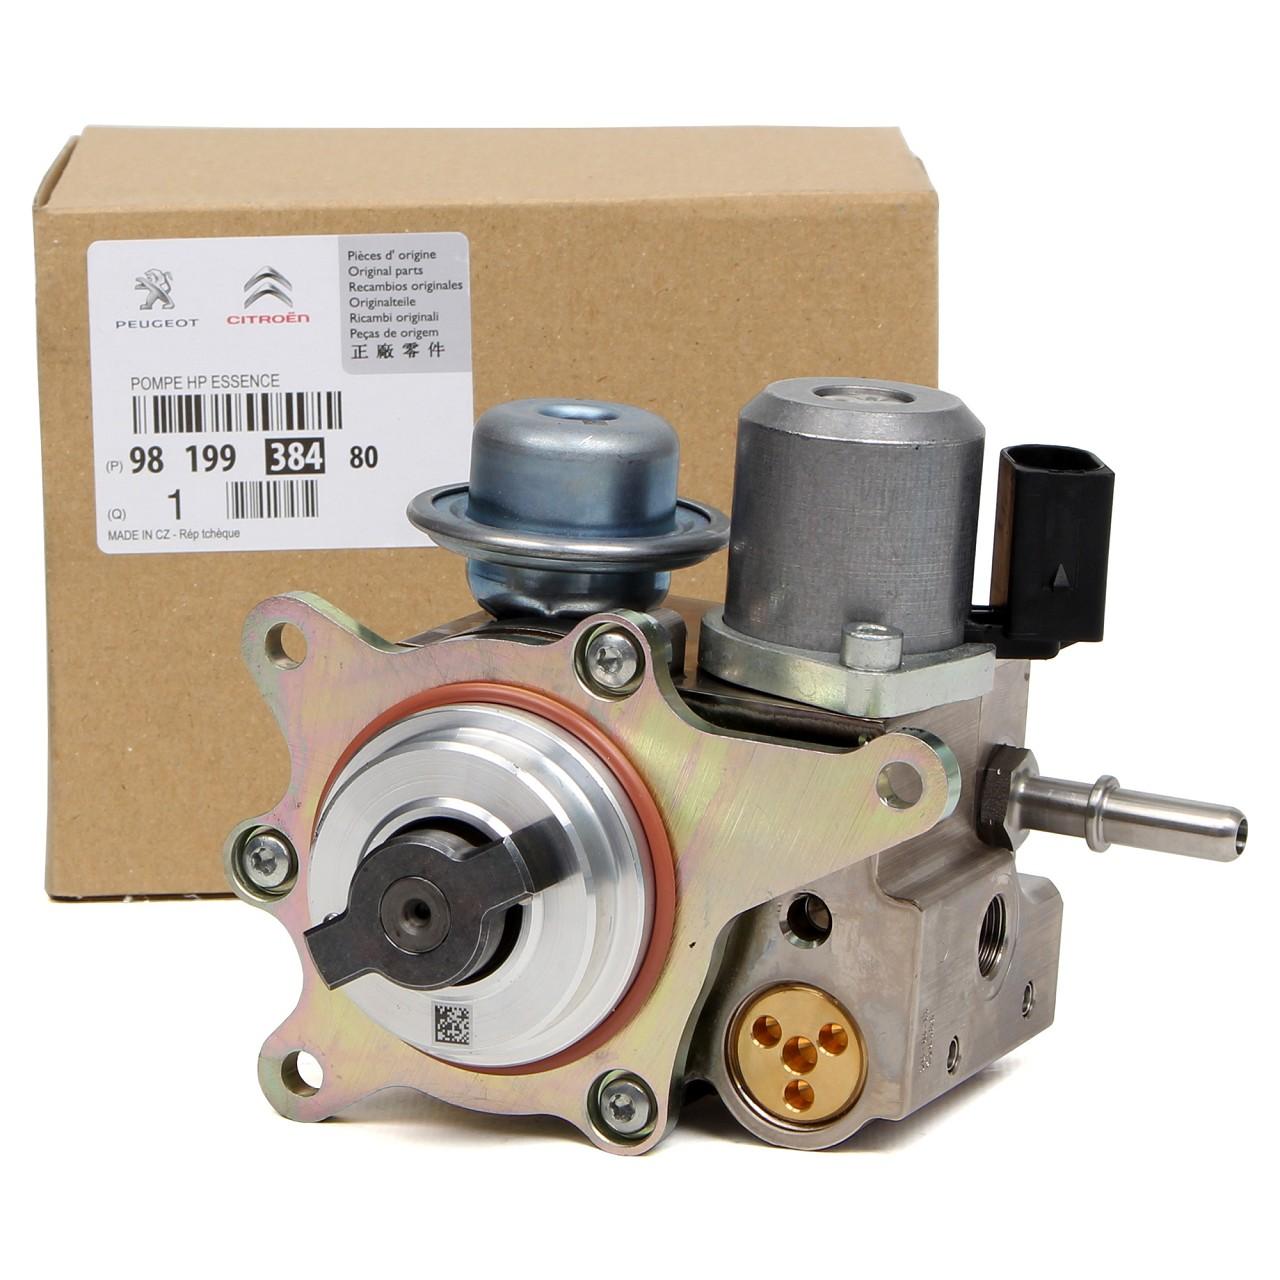 Peugeot Kraftstoffpumpe 9819938480 / 1920.LL mit Karton